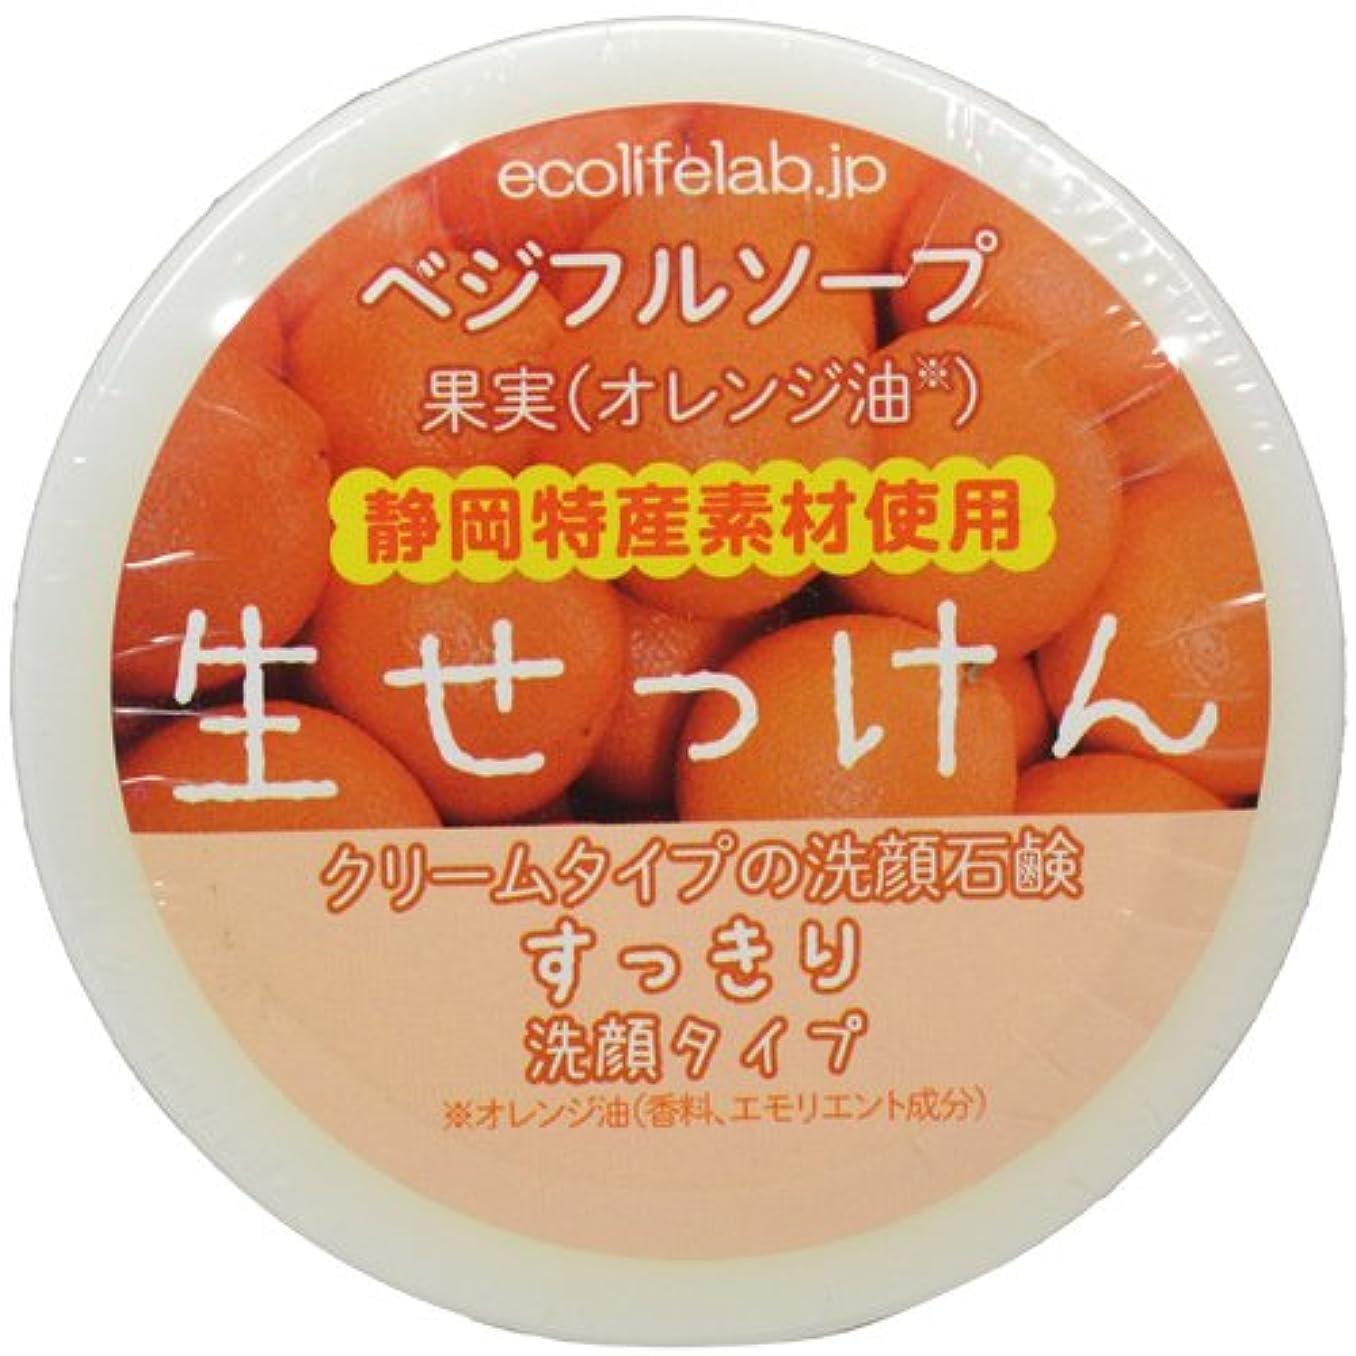 事実上ピジン禁止するベジフルソープ 生せっけん(果実) すっきり洗顔タイプ 40g